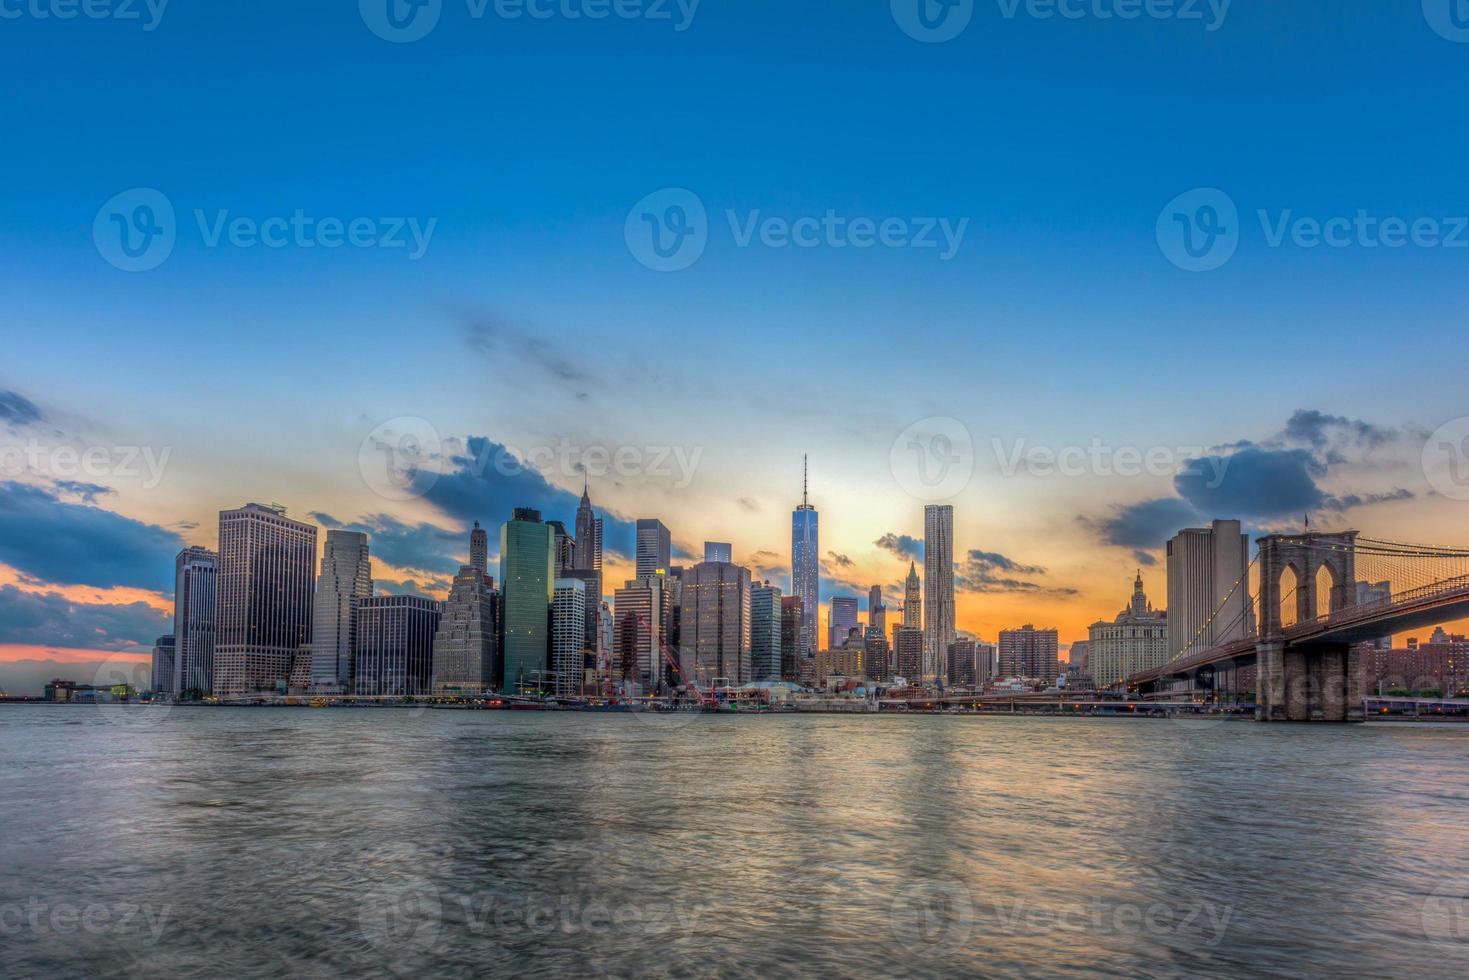 Skyline der Innenstadt von New York City, Manhattan und Brooklyn Bridge. foto